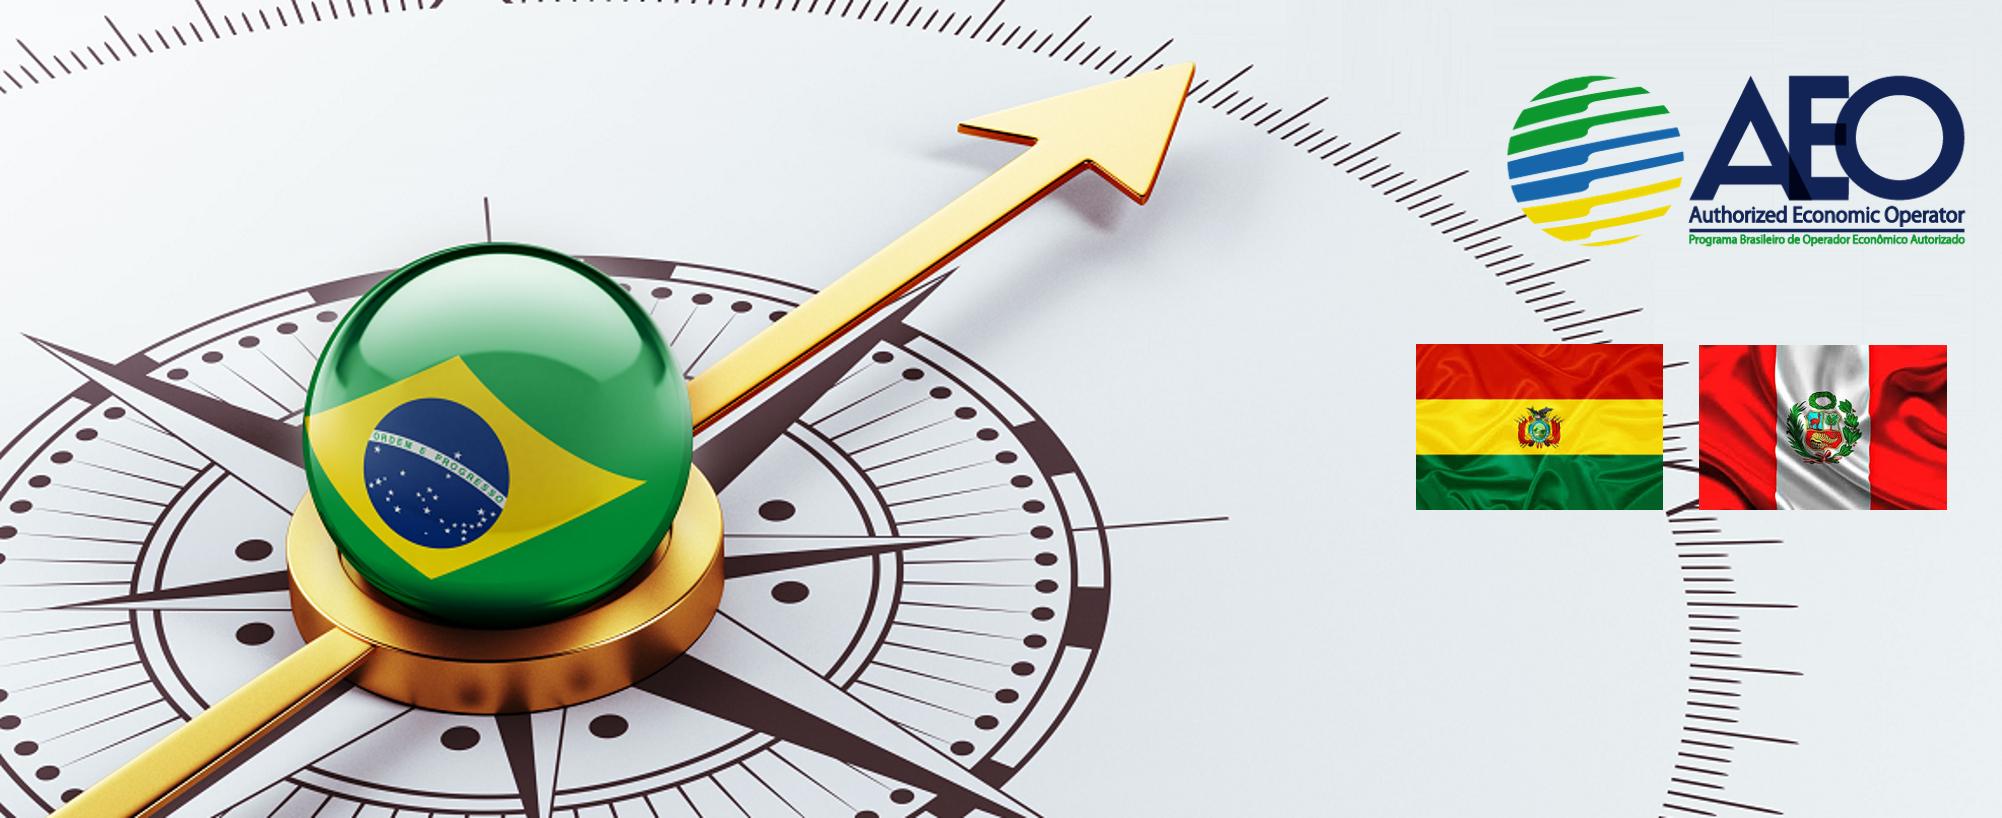 05/10/2020 - Os novos acordos visam dar maior celeridade no comércio entre Brasil e Peru e entre Brasil e Bolívia, no âmbito do Programa OEA.